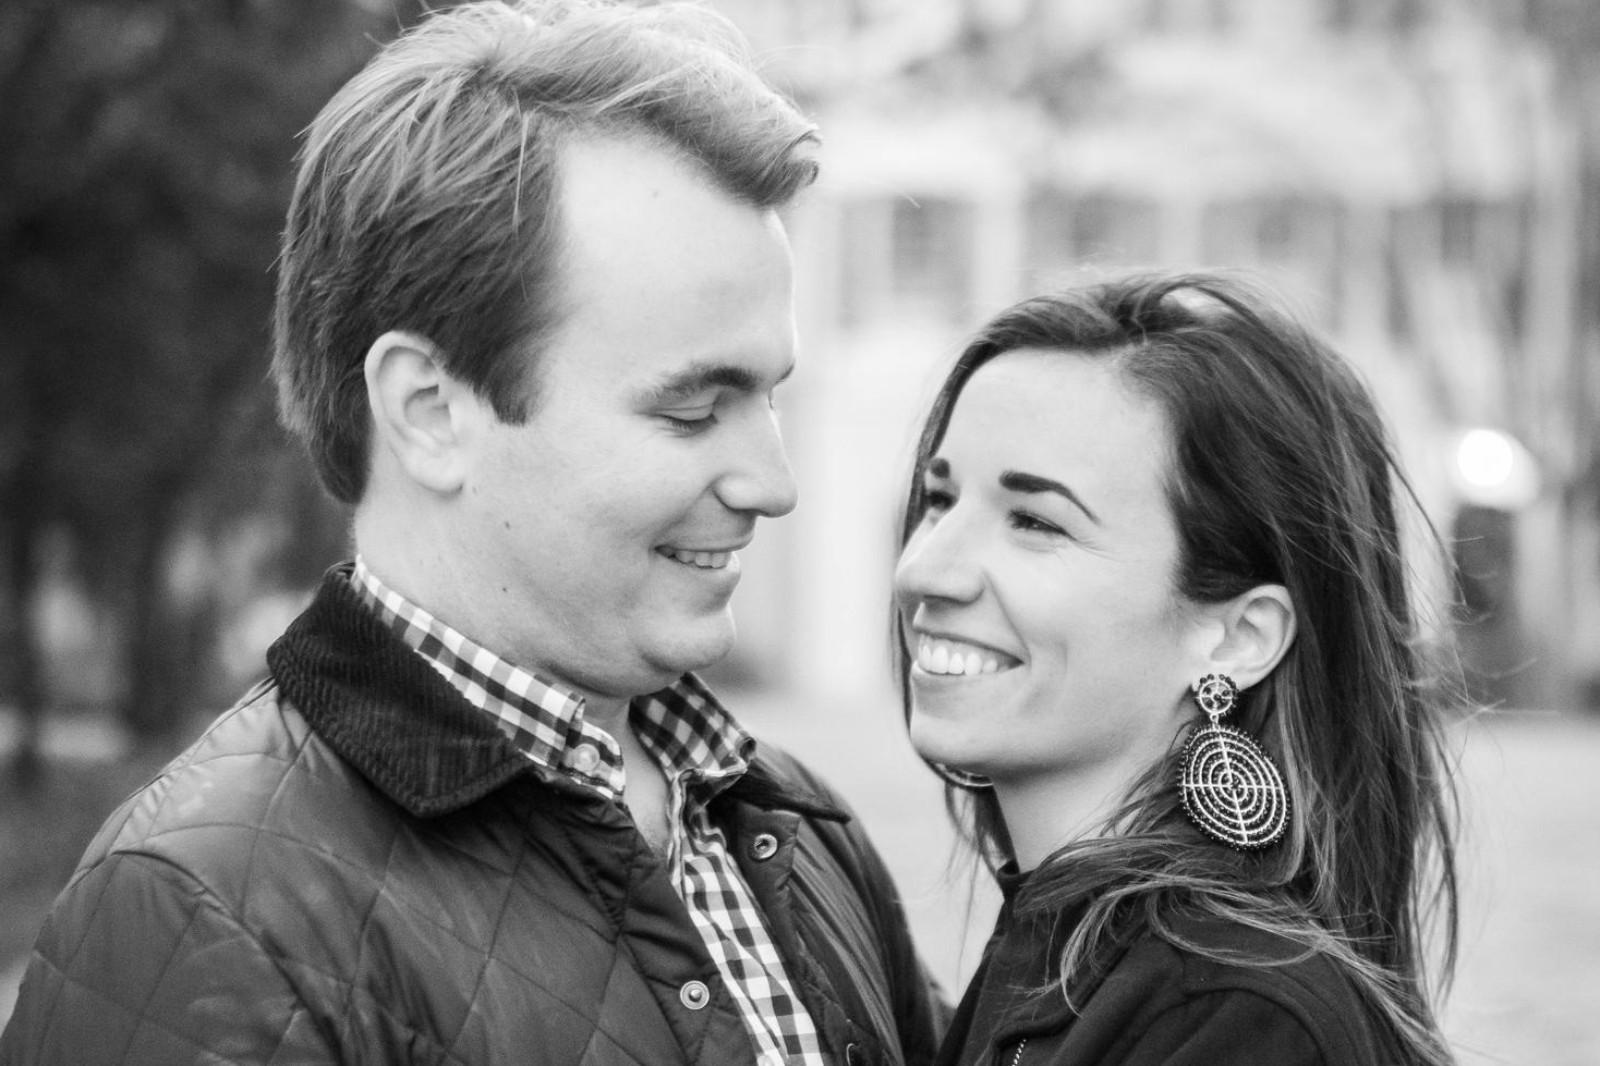 Amy Ethington and Jack Tranter